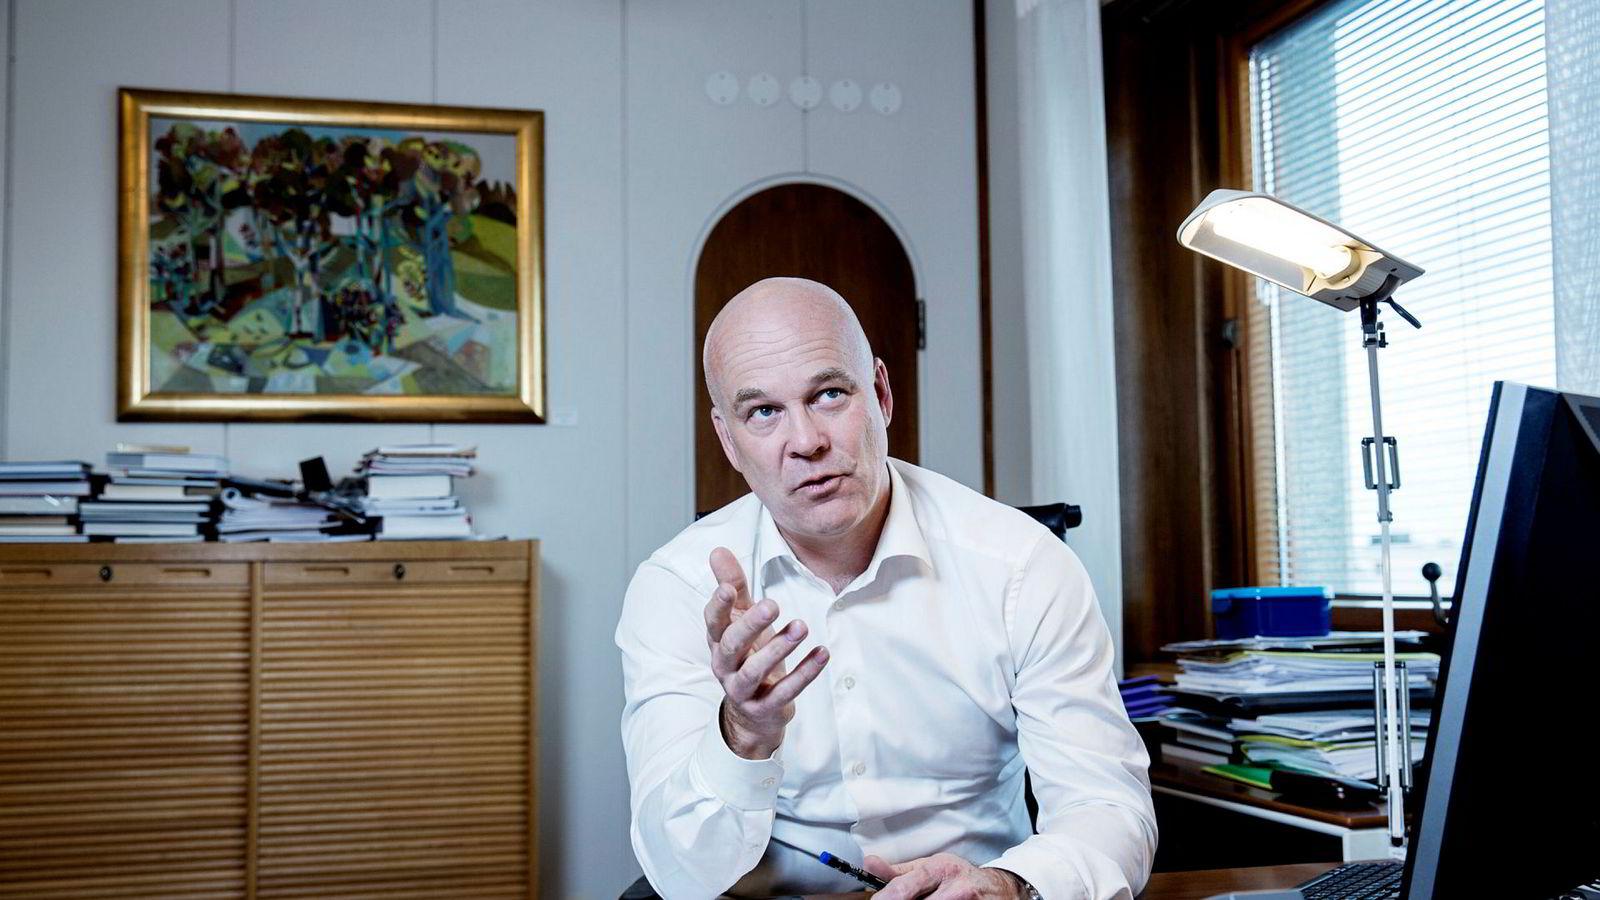 Kringkastingssjef og øverste leder i NRK Thor Gjermund Eriksen ble nylig kritisert for å ansette Hege Duckert som sin stabsleder og rådgiver og for ikke å ha utlyst stillingen eksternt. Fra et empirisk ståsted er det derimot liten grunn til slik kritikk.